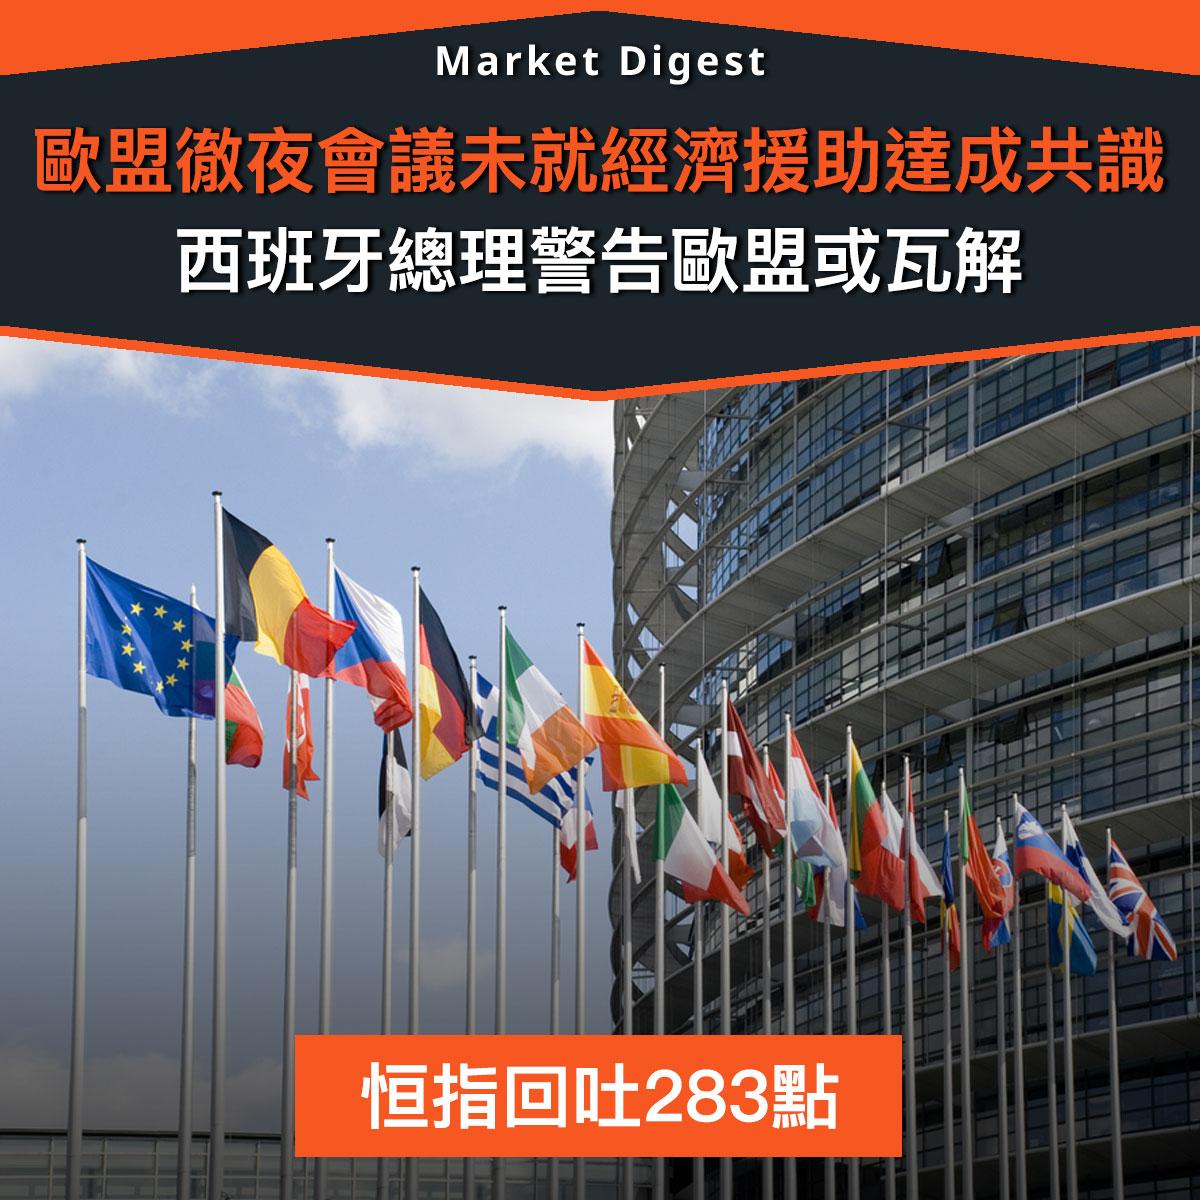 【市場熱話】歐盟徹夜會議未就經濟援助達成共識,西班牙總理警告歐盟或瓦解